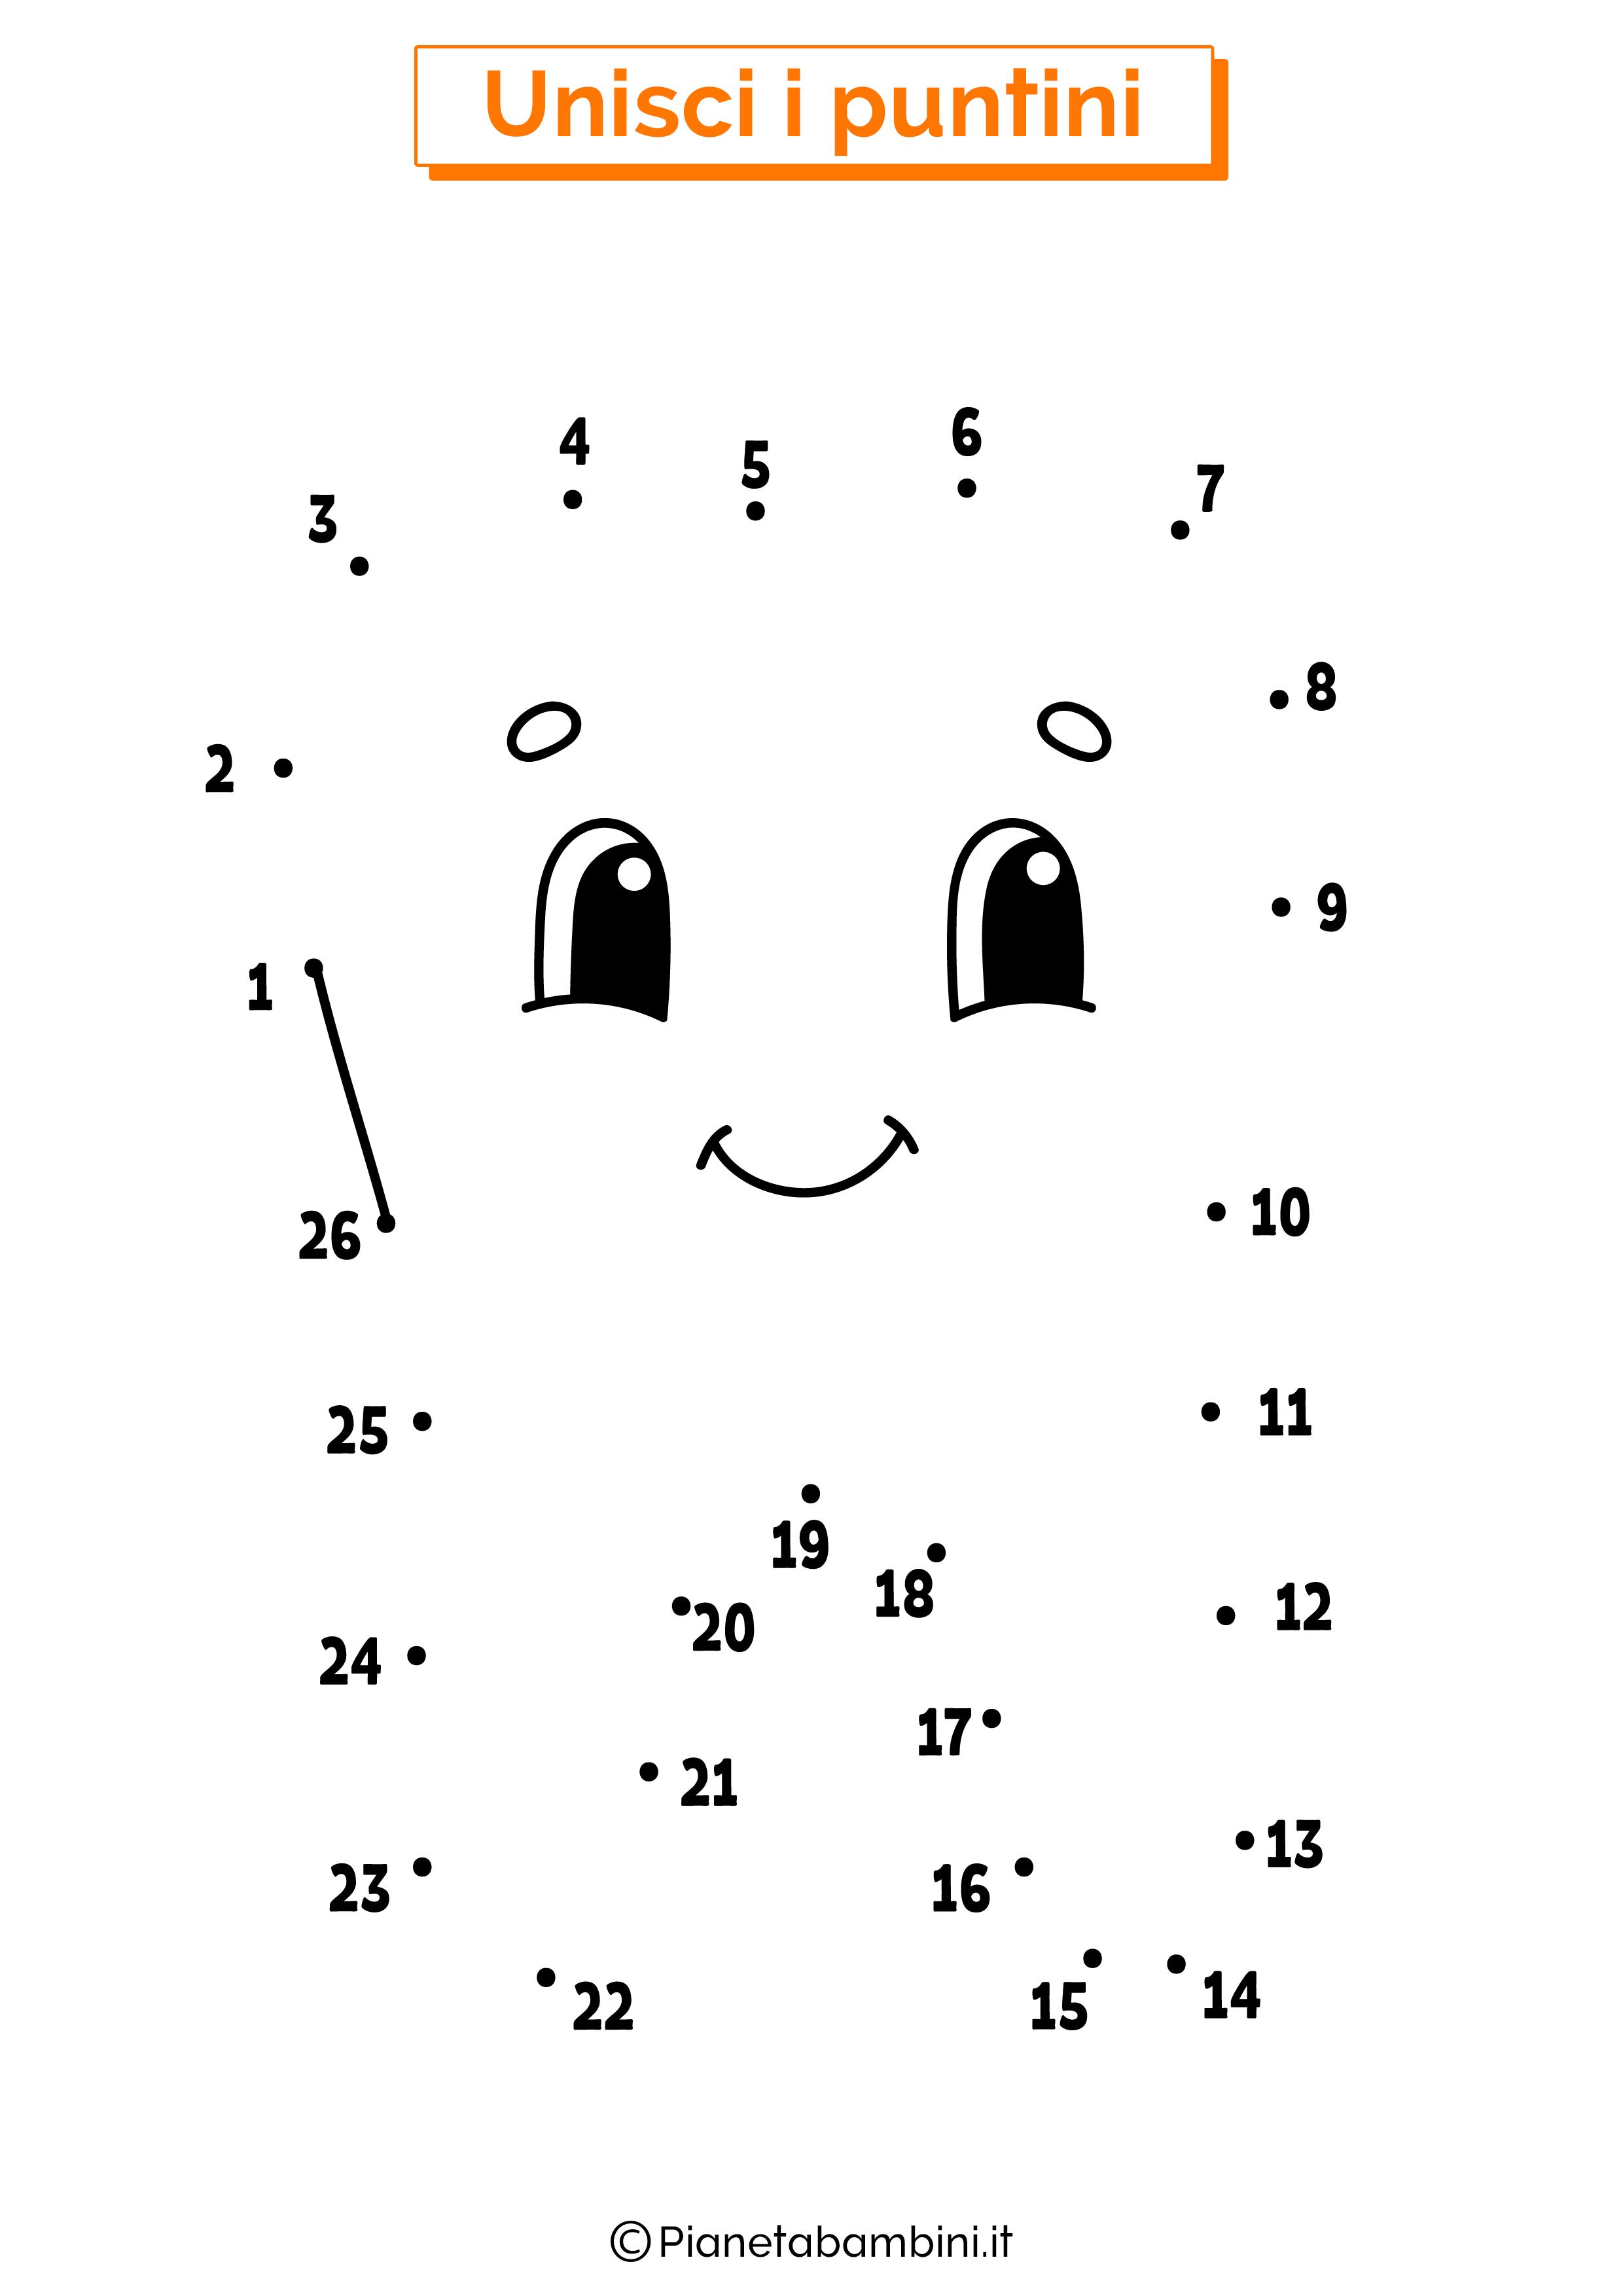 Disegno unisci i puntini dente